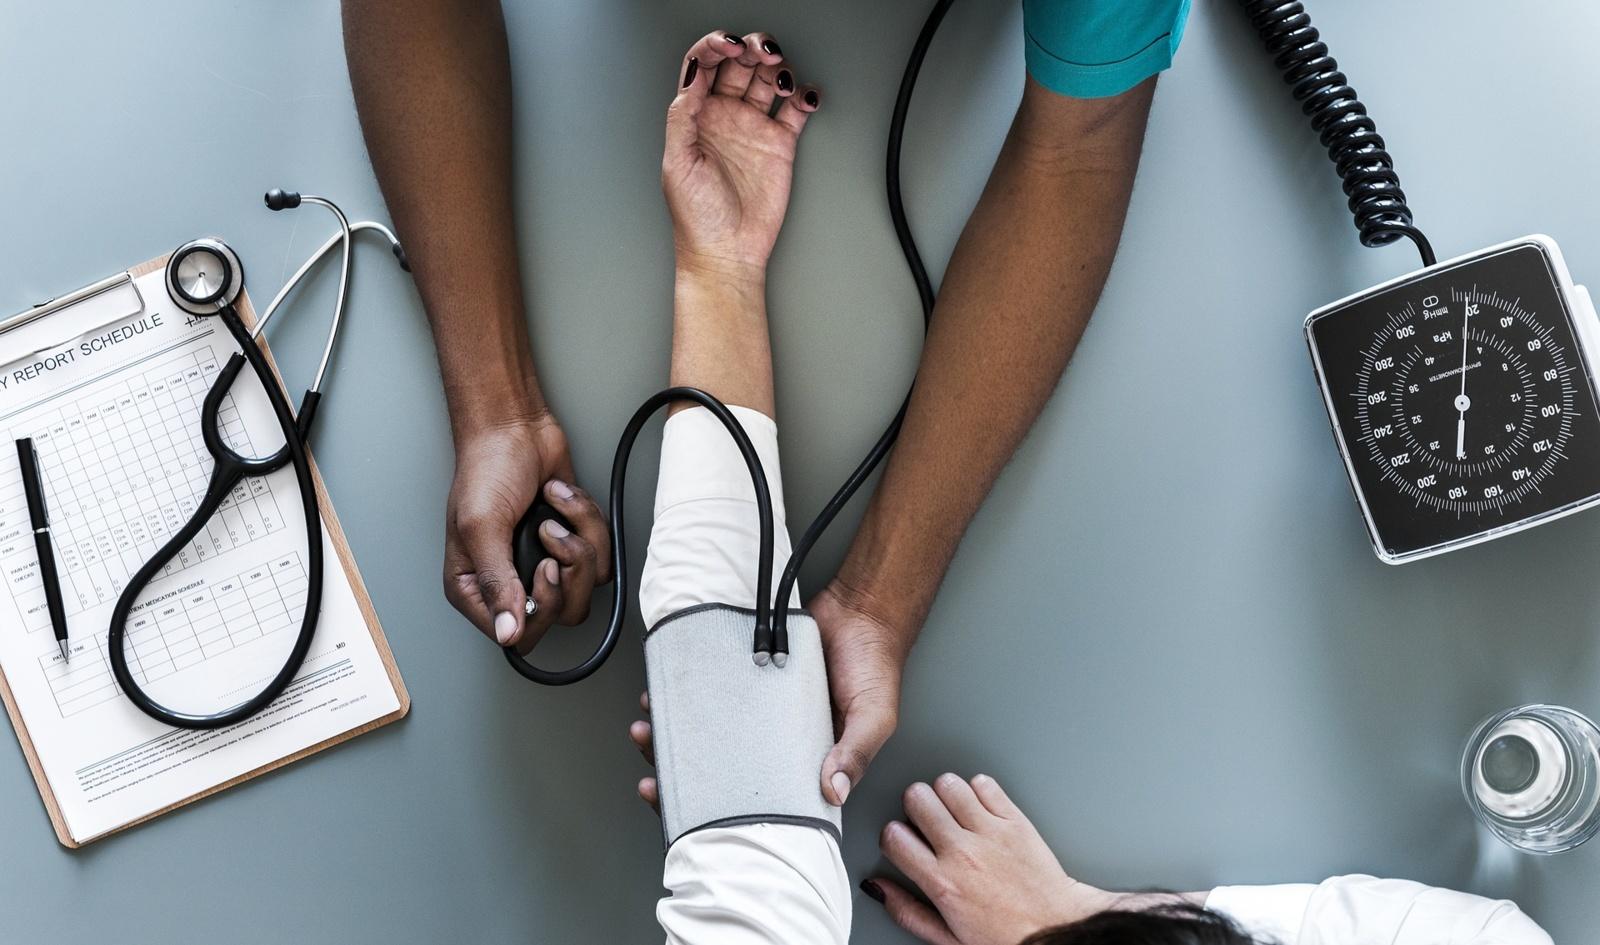 Padidėjęs kraujo spaudimas – ką kiekvienam svarbu žinoti? - jusukalve.lt